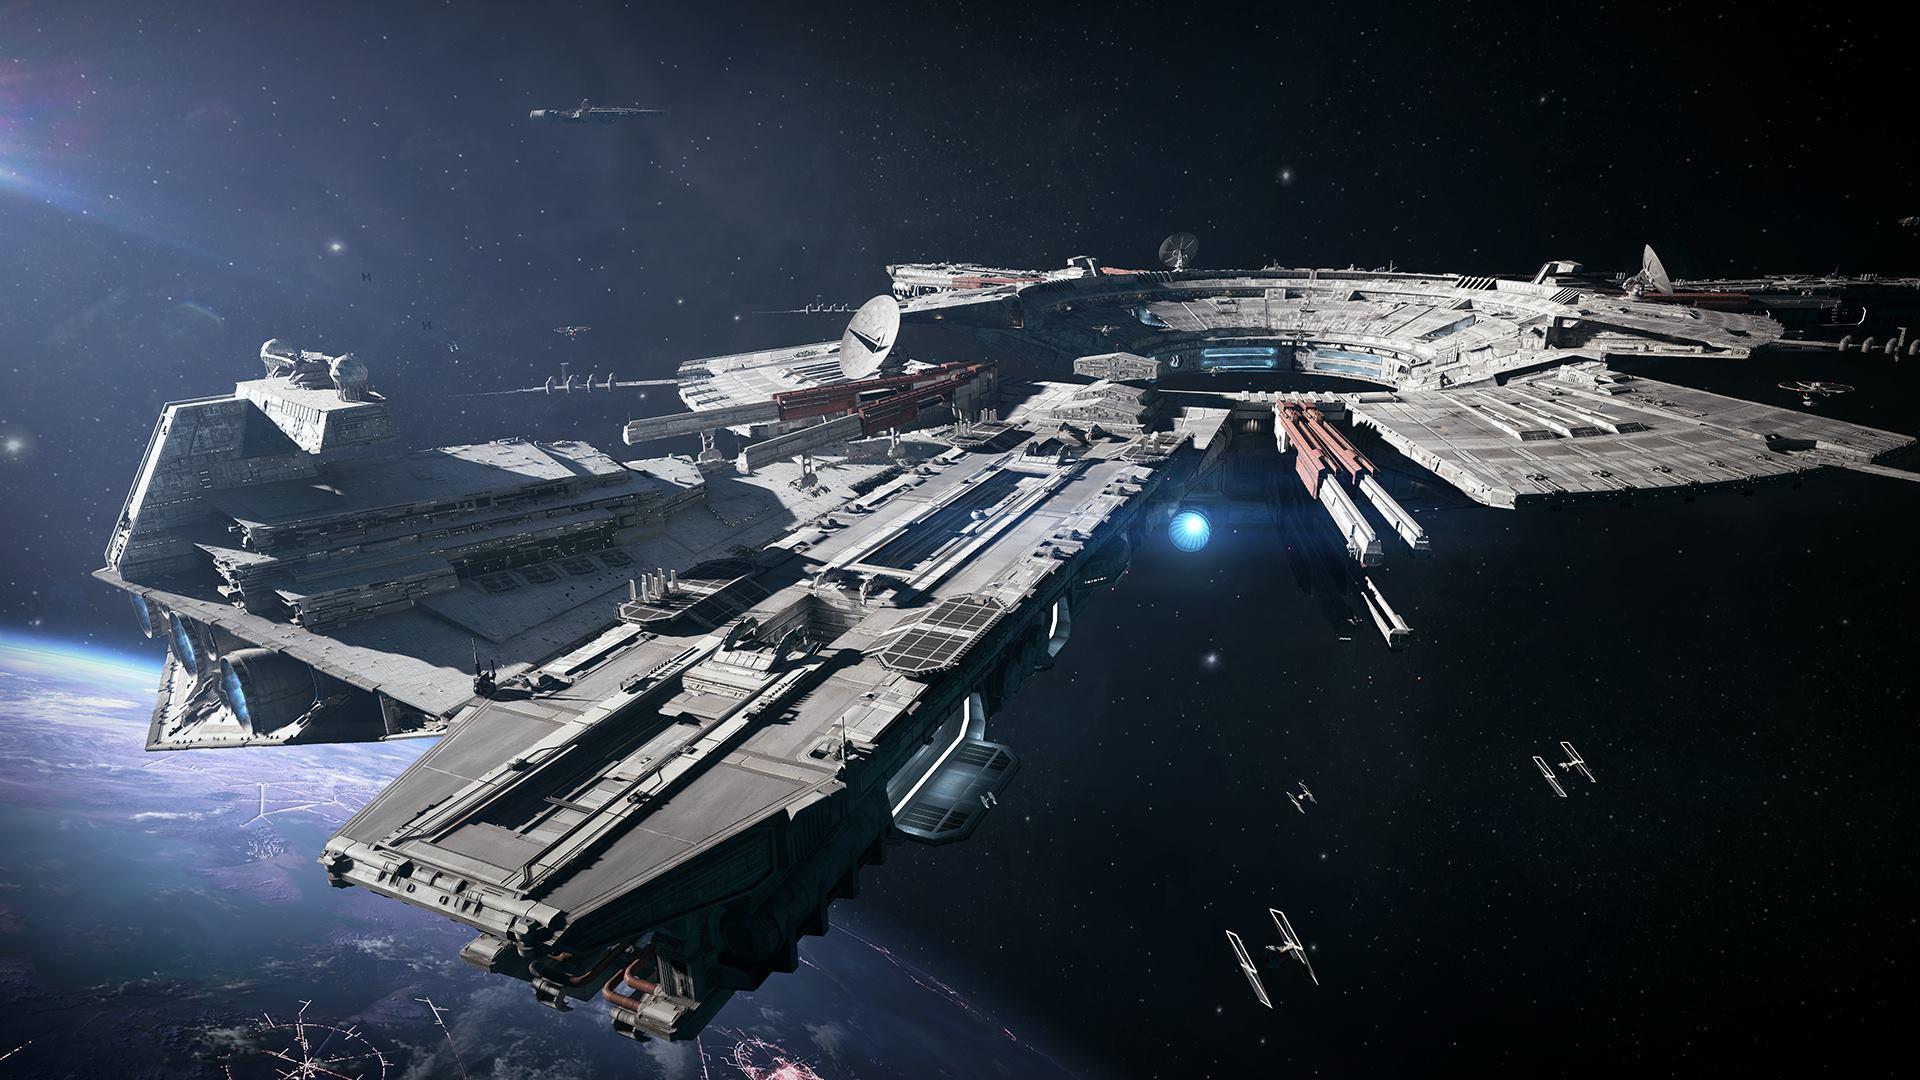 Boîtes de loot : Star Wars Battlefront II et Overwatch dans le viseur de la Belgique - Pop culture - Numerama